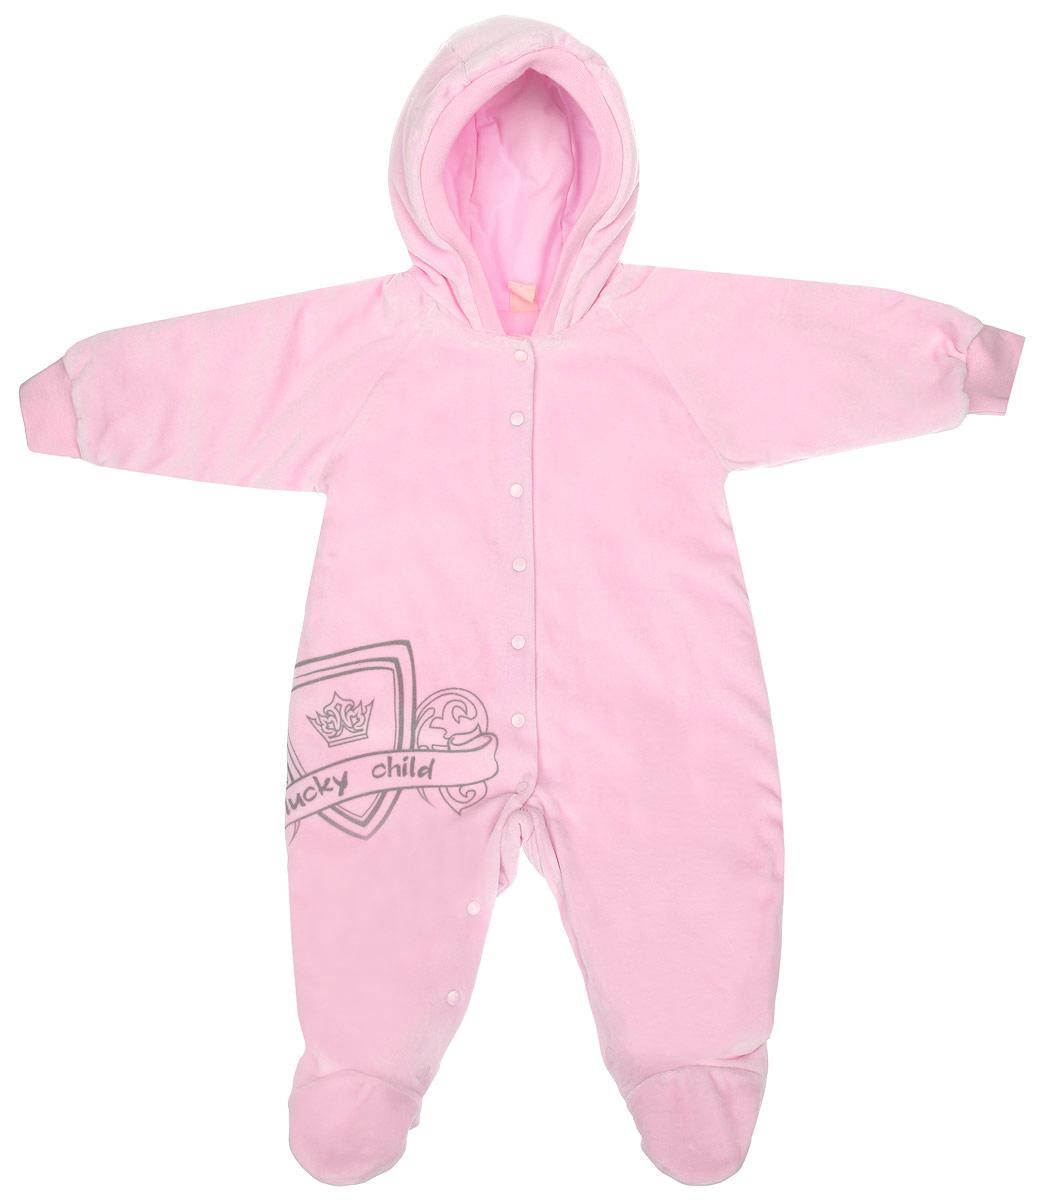 Комбинезон детский Lucky Child, цвет: светло-розовый. 5-1. Размер 74/805-1Детский комбинезон Lucky Child - очень удобный и практичный вид одежды для малышей. Комбинезон выполнен из велюра на подкладке из натурального хлопка, благодаря чему он необычайно мягкий и приятный на ощупь, не раздражают нежную кожу ребенка и хорошо вентилируются, а эластичные швы приятны телу младенца и не препятствуют его движениям. В качестве утеплителя используется синтепон. Комбинезон с капюшоном, длинными рукавами-реглан и закрытыми ножками по центру застегивается на металлические застежки-кнопки, также имеются застежки-кнопки на ластовице, что помогает с легкостью переодеть младенца или сменить подгузник. Капюшон по краю дополнен широкой трикотажной резинкой. Рукава понизу дополнены широкими эластичными манжетами, которые мягко обхватывают запястья. Спереди изделие оформлено оригинальным принтом в виде логотипа бренда. С детским комбинезоном Lucky Child спинка и ножки вашего малыша всегда будут в тепле. Комбинезон полностью соответствует особенностям жизни младенца в ранний период, не стесняя и не ограничивая его в движениях!